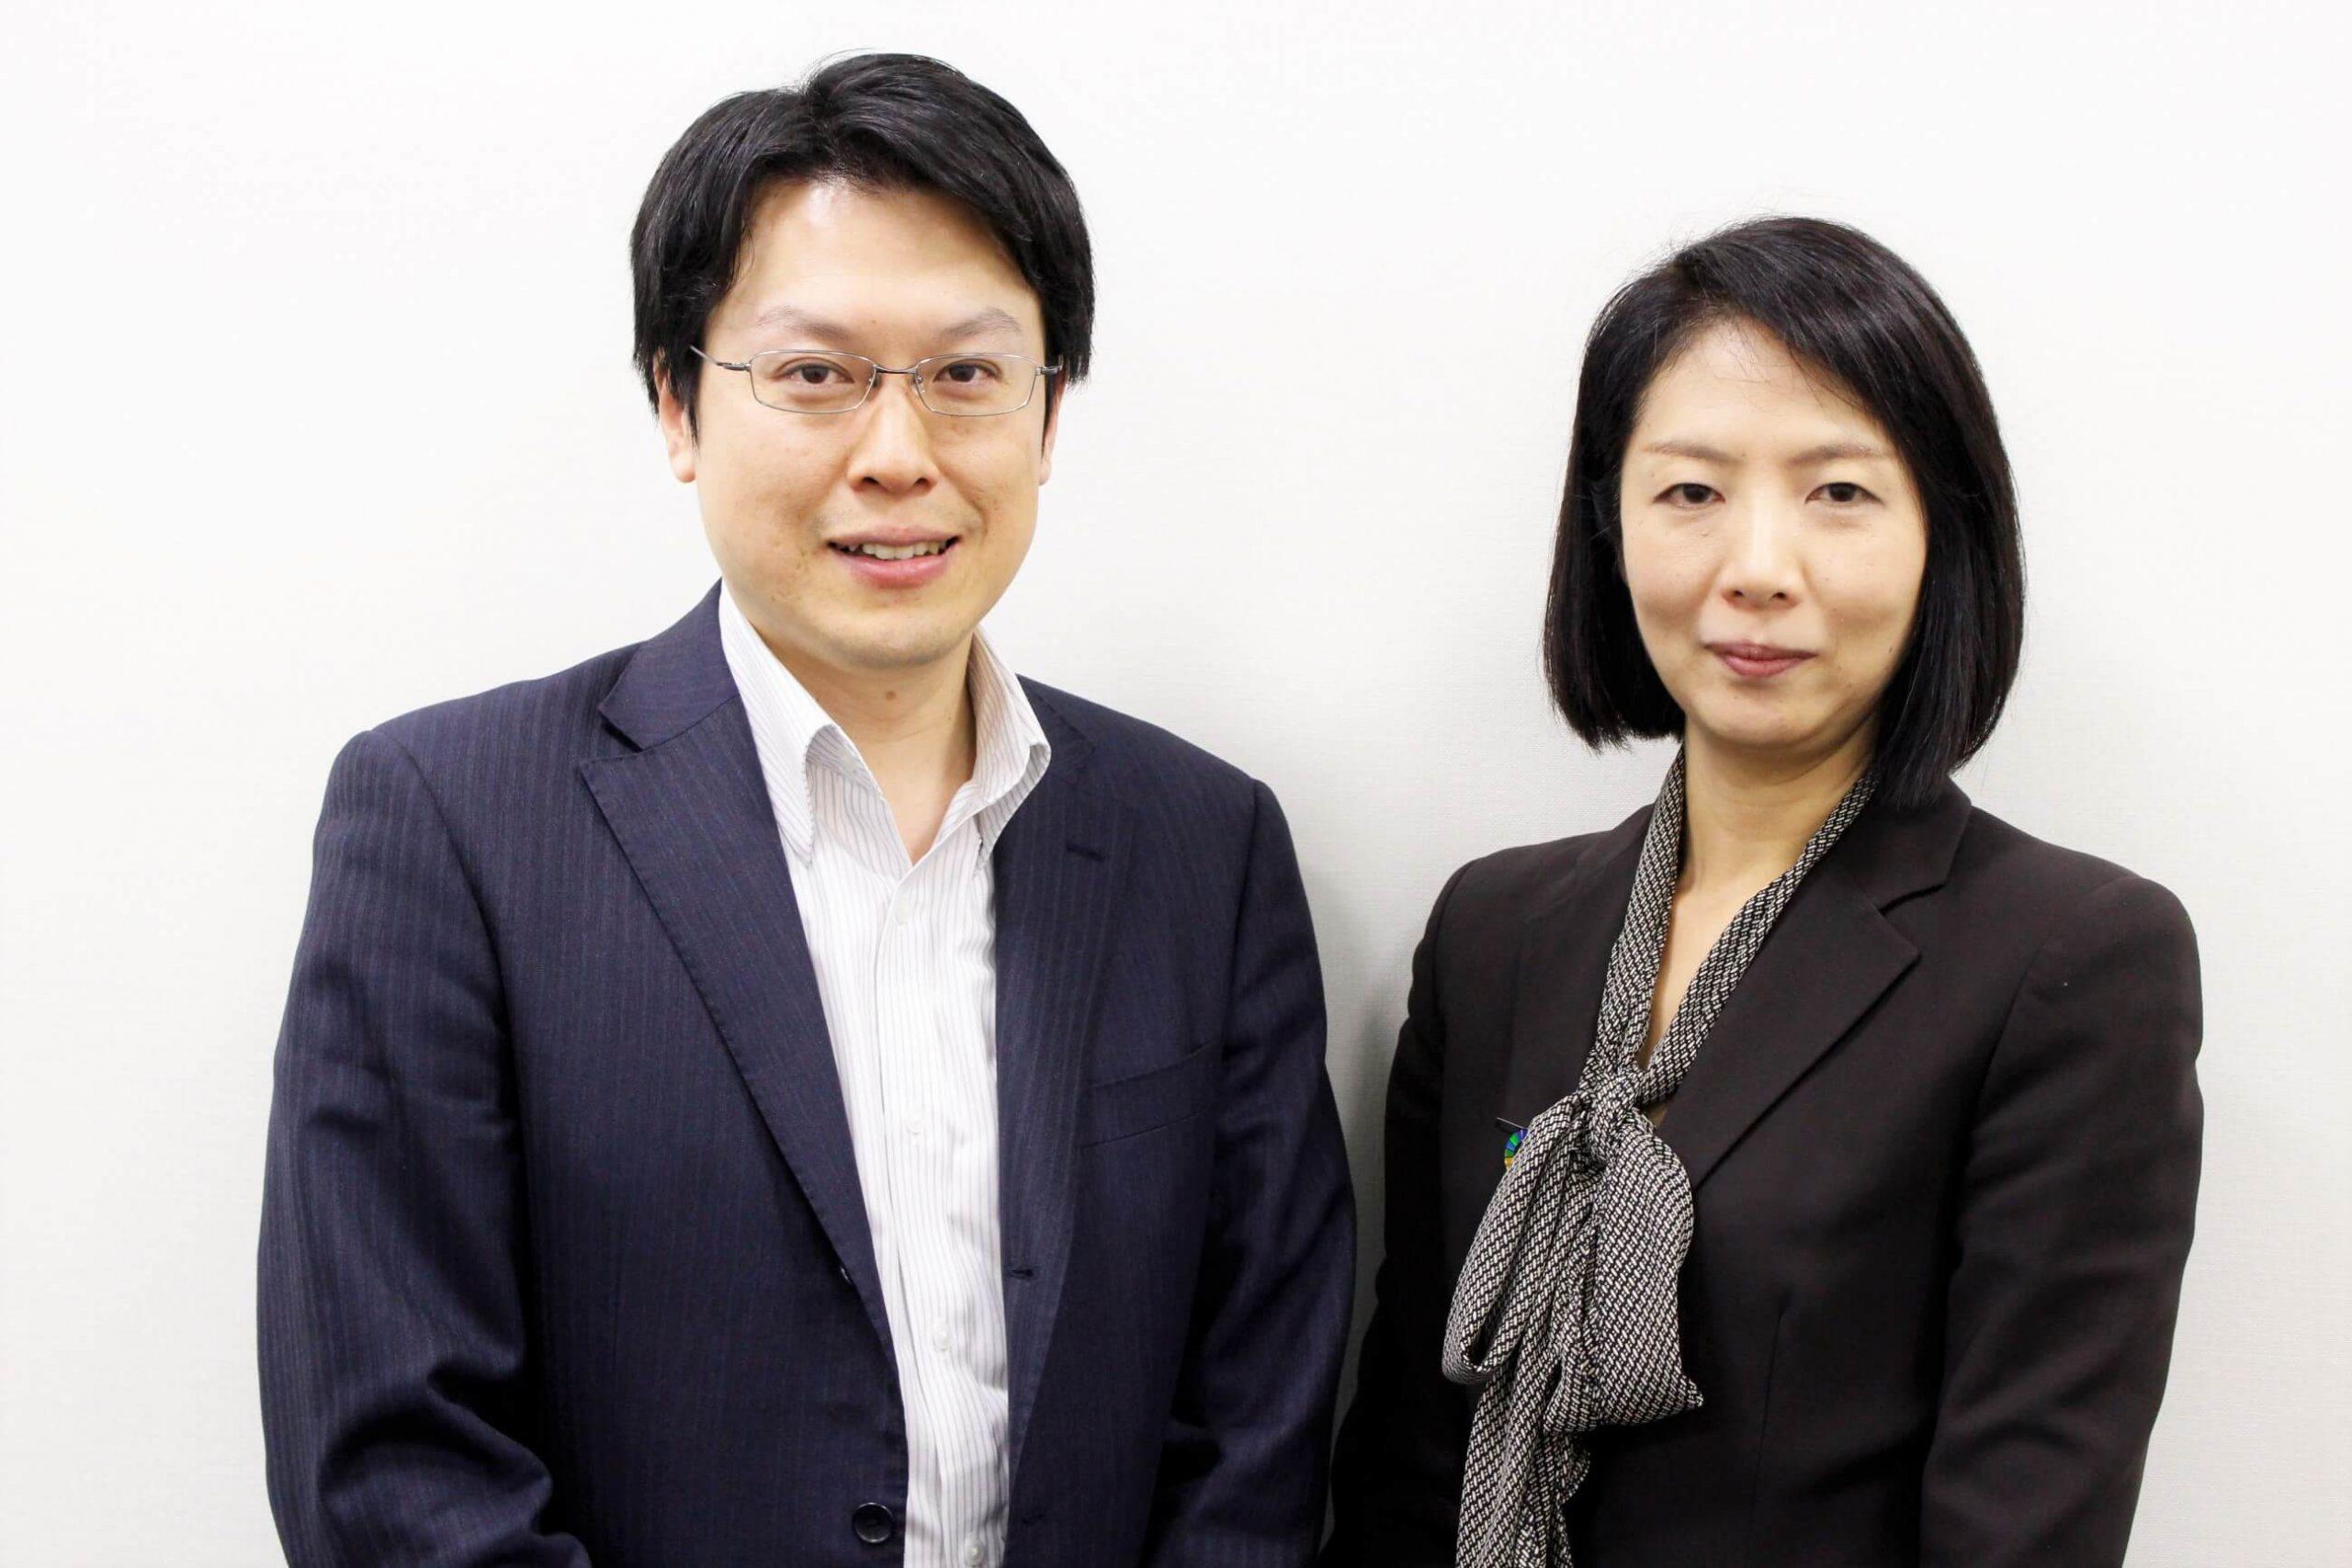 リンカーズ 前田(左)と ソフィアバンク 藤沢様(右)